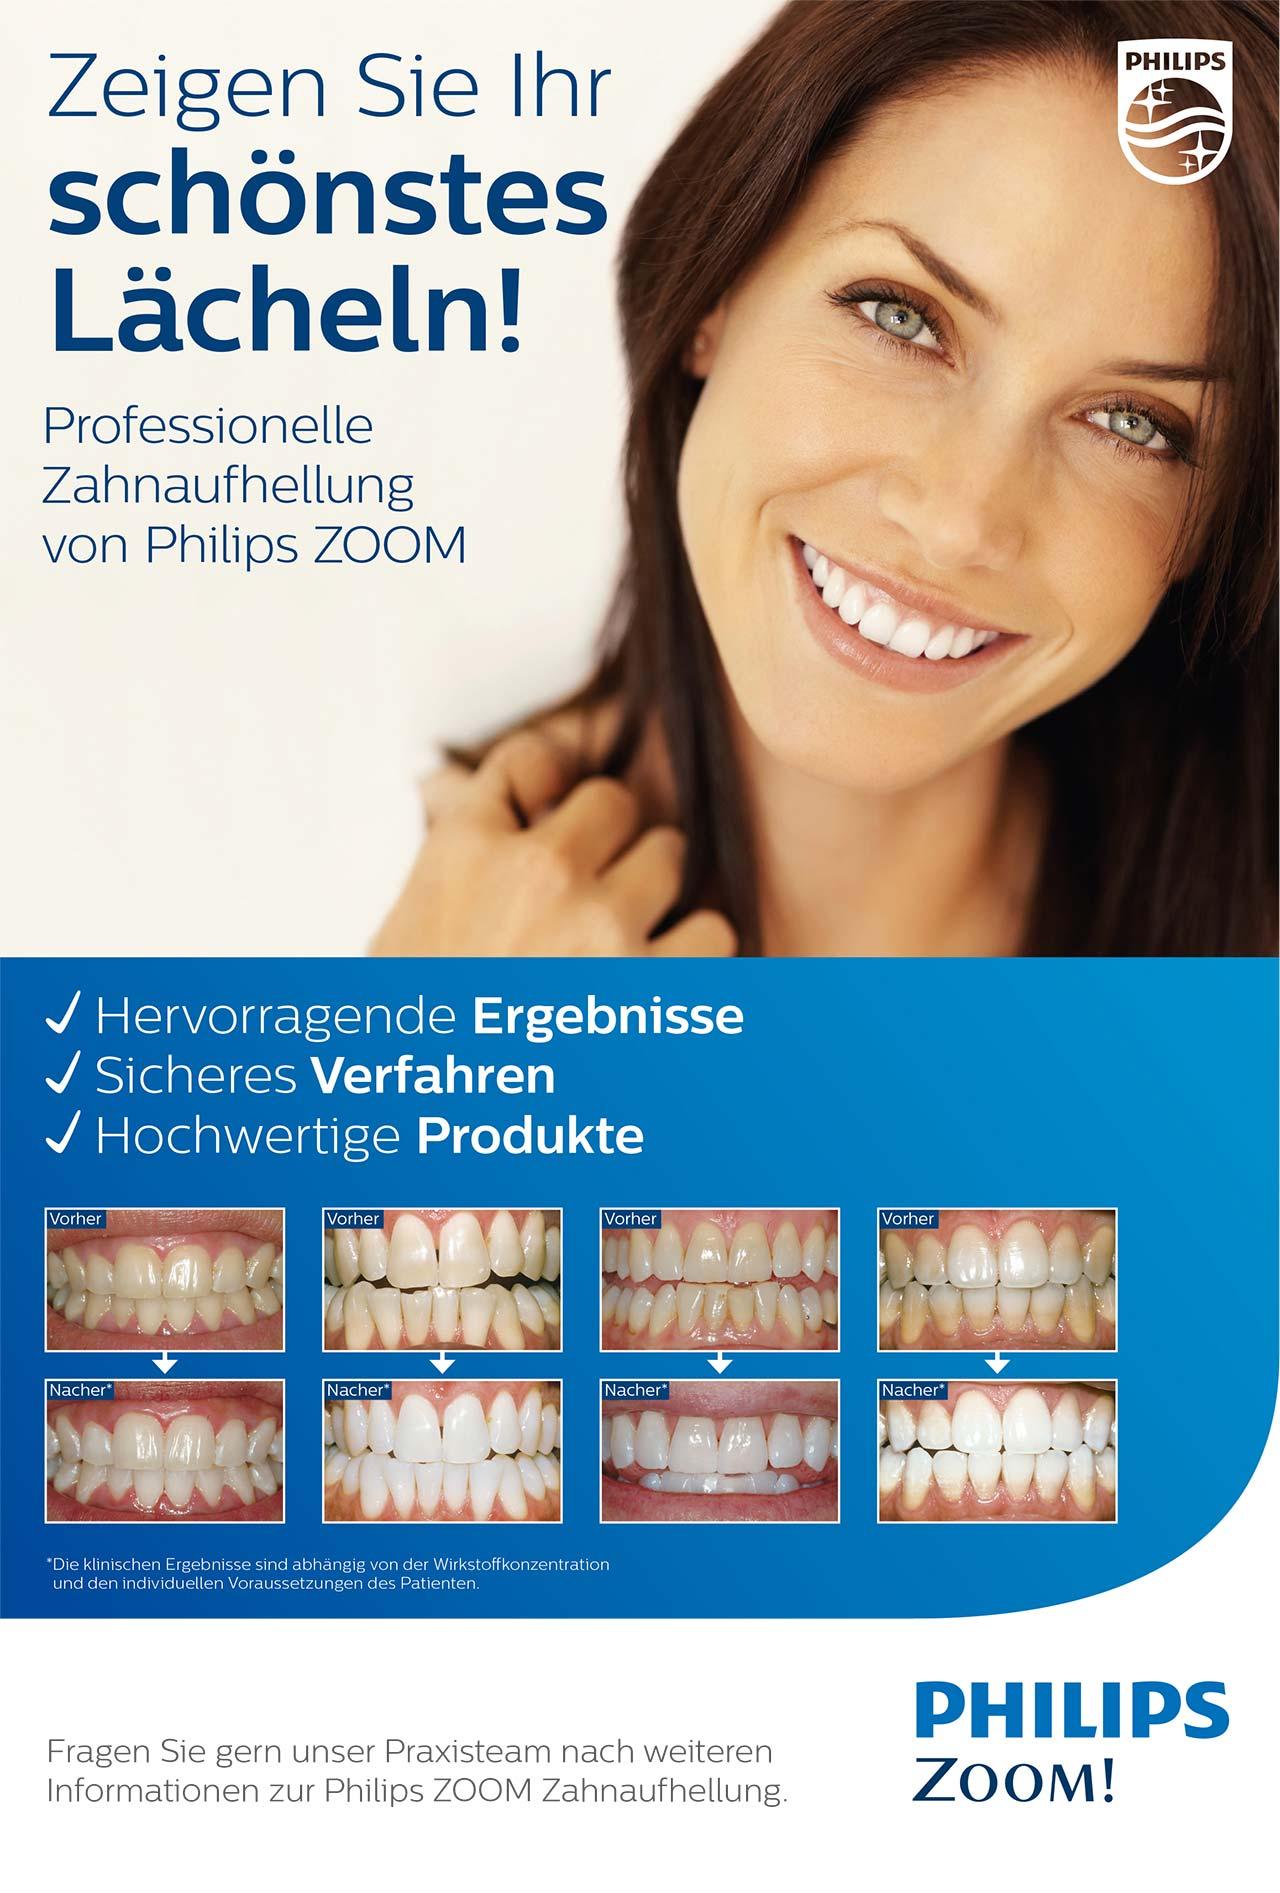 Professionelle Zahnaufhellung von Philips ZOOM